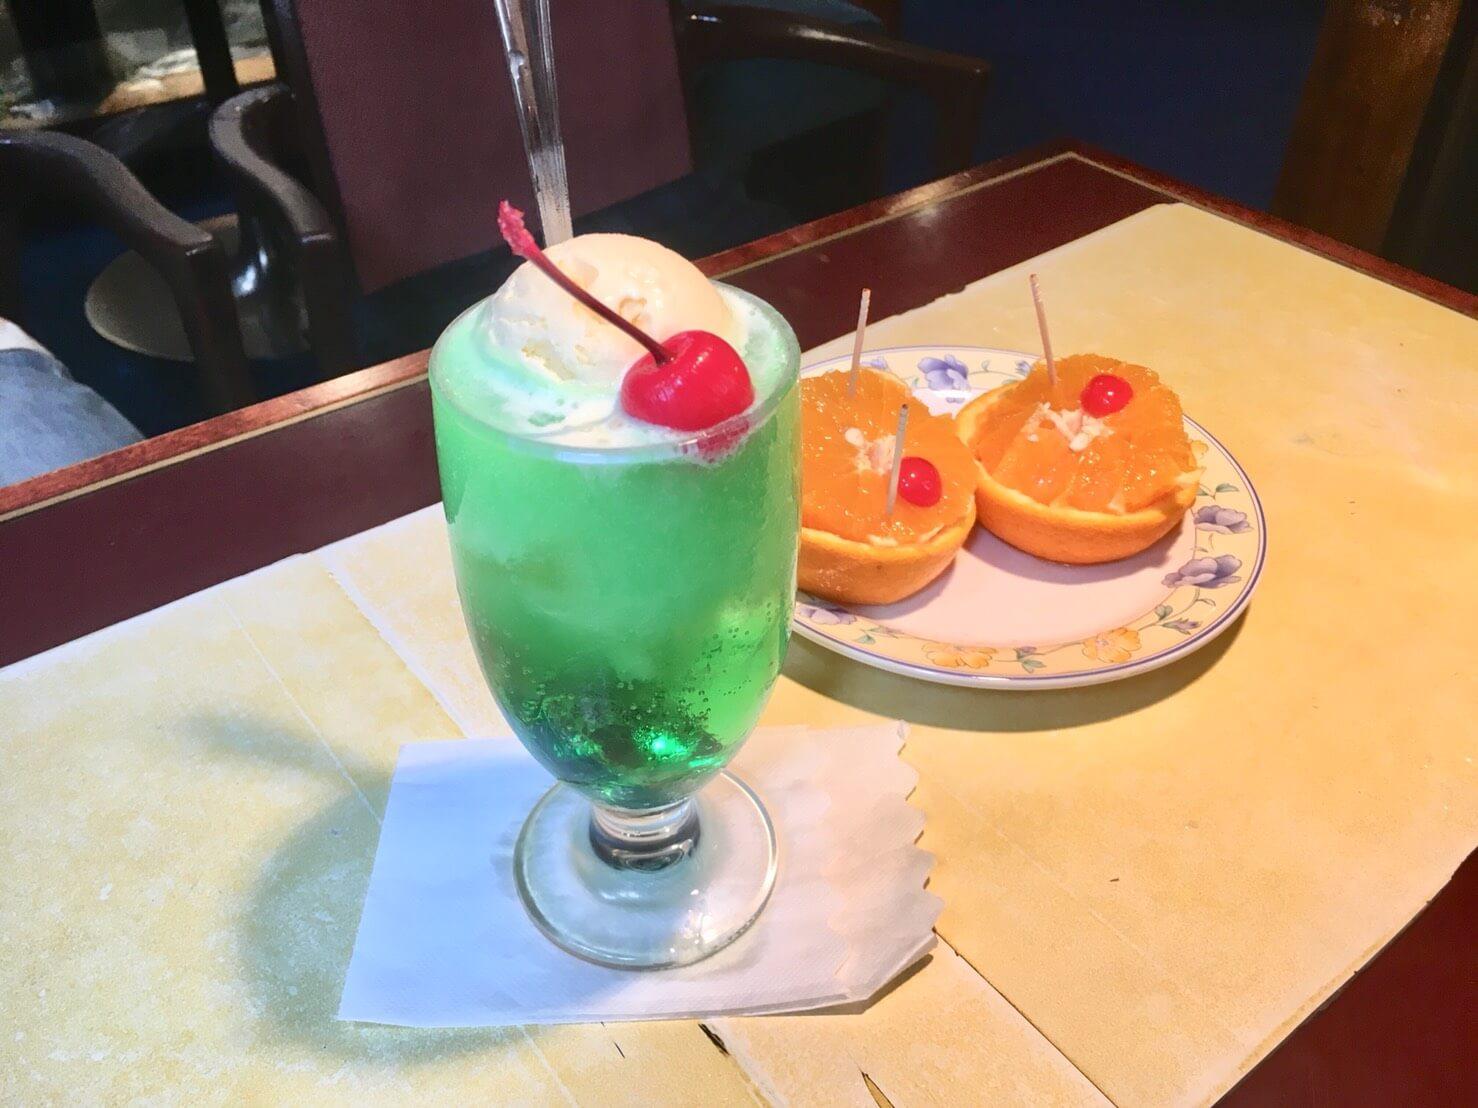 三軒茶屋は路地めぐりが楽しい!老舗喫茶店セブンで昔ながらのメロンクリームソーダを(クリームソーダ調査隊 Vol.3)